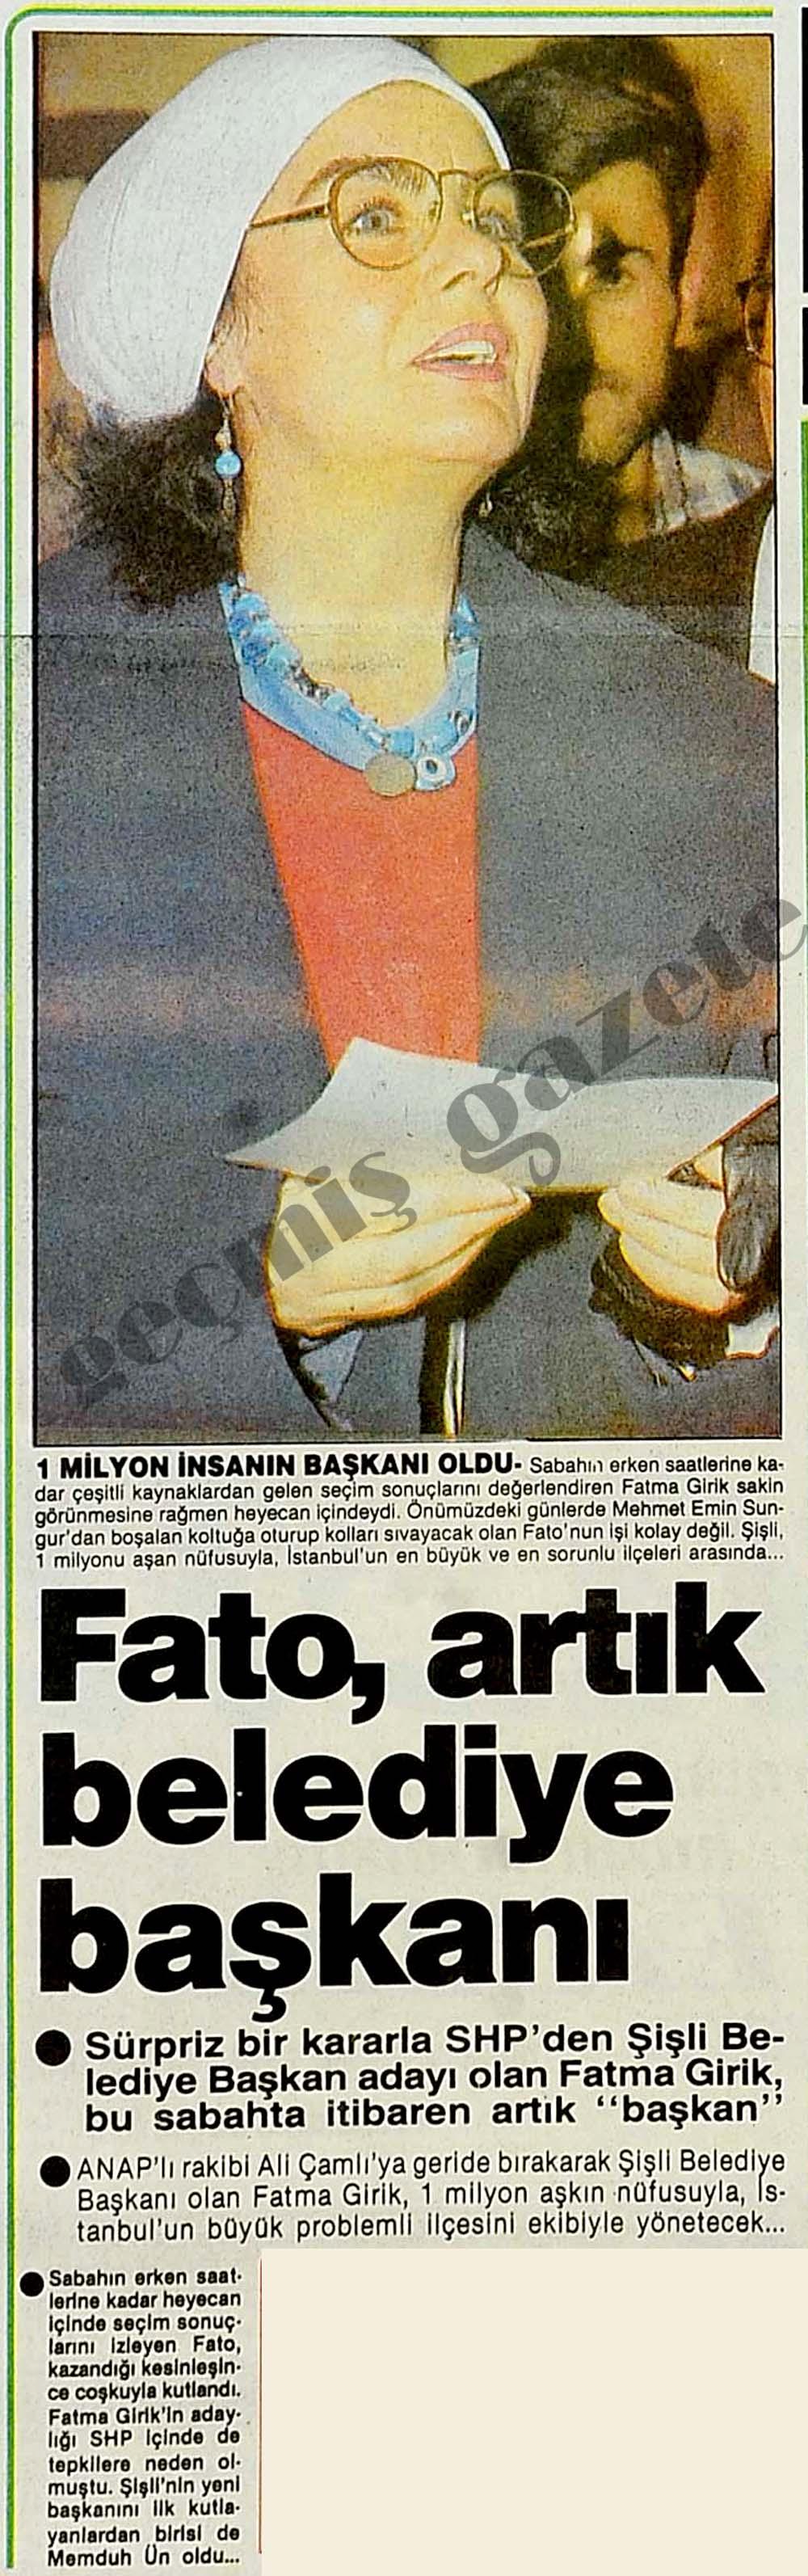 Fato, belediye başkanı